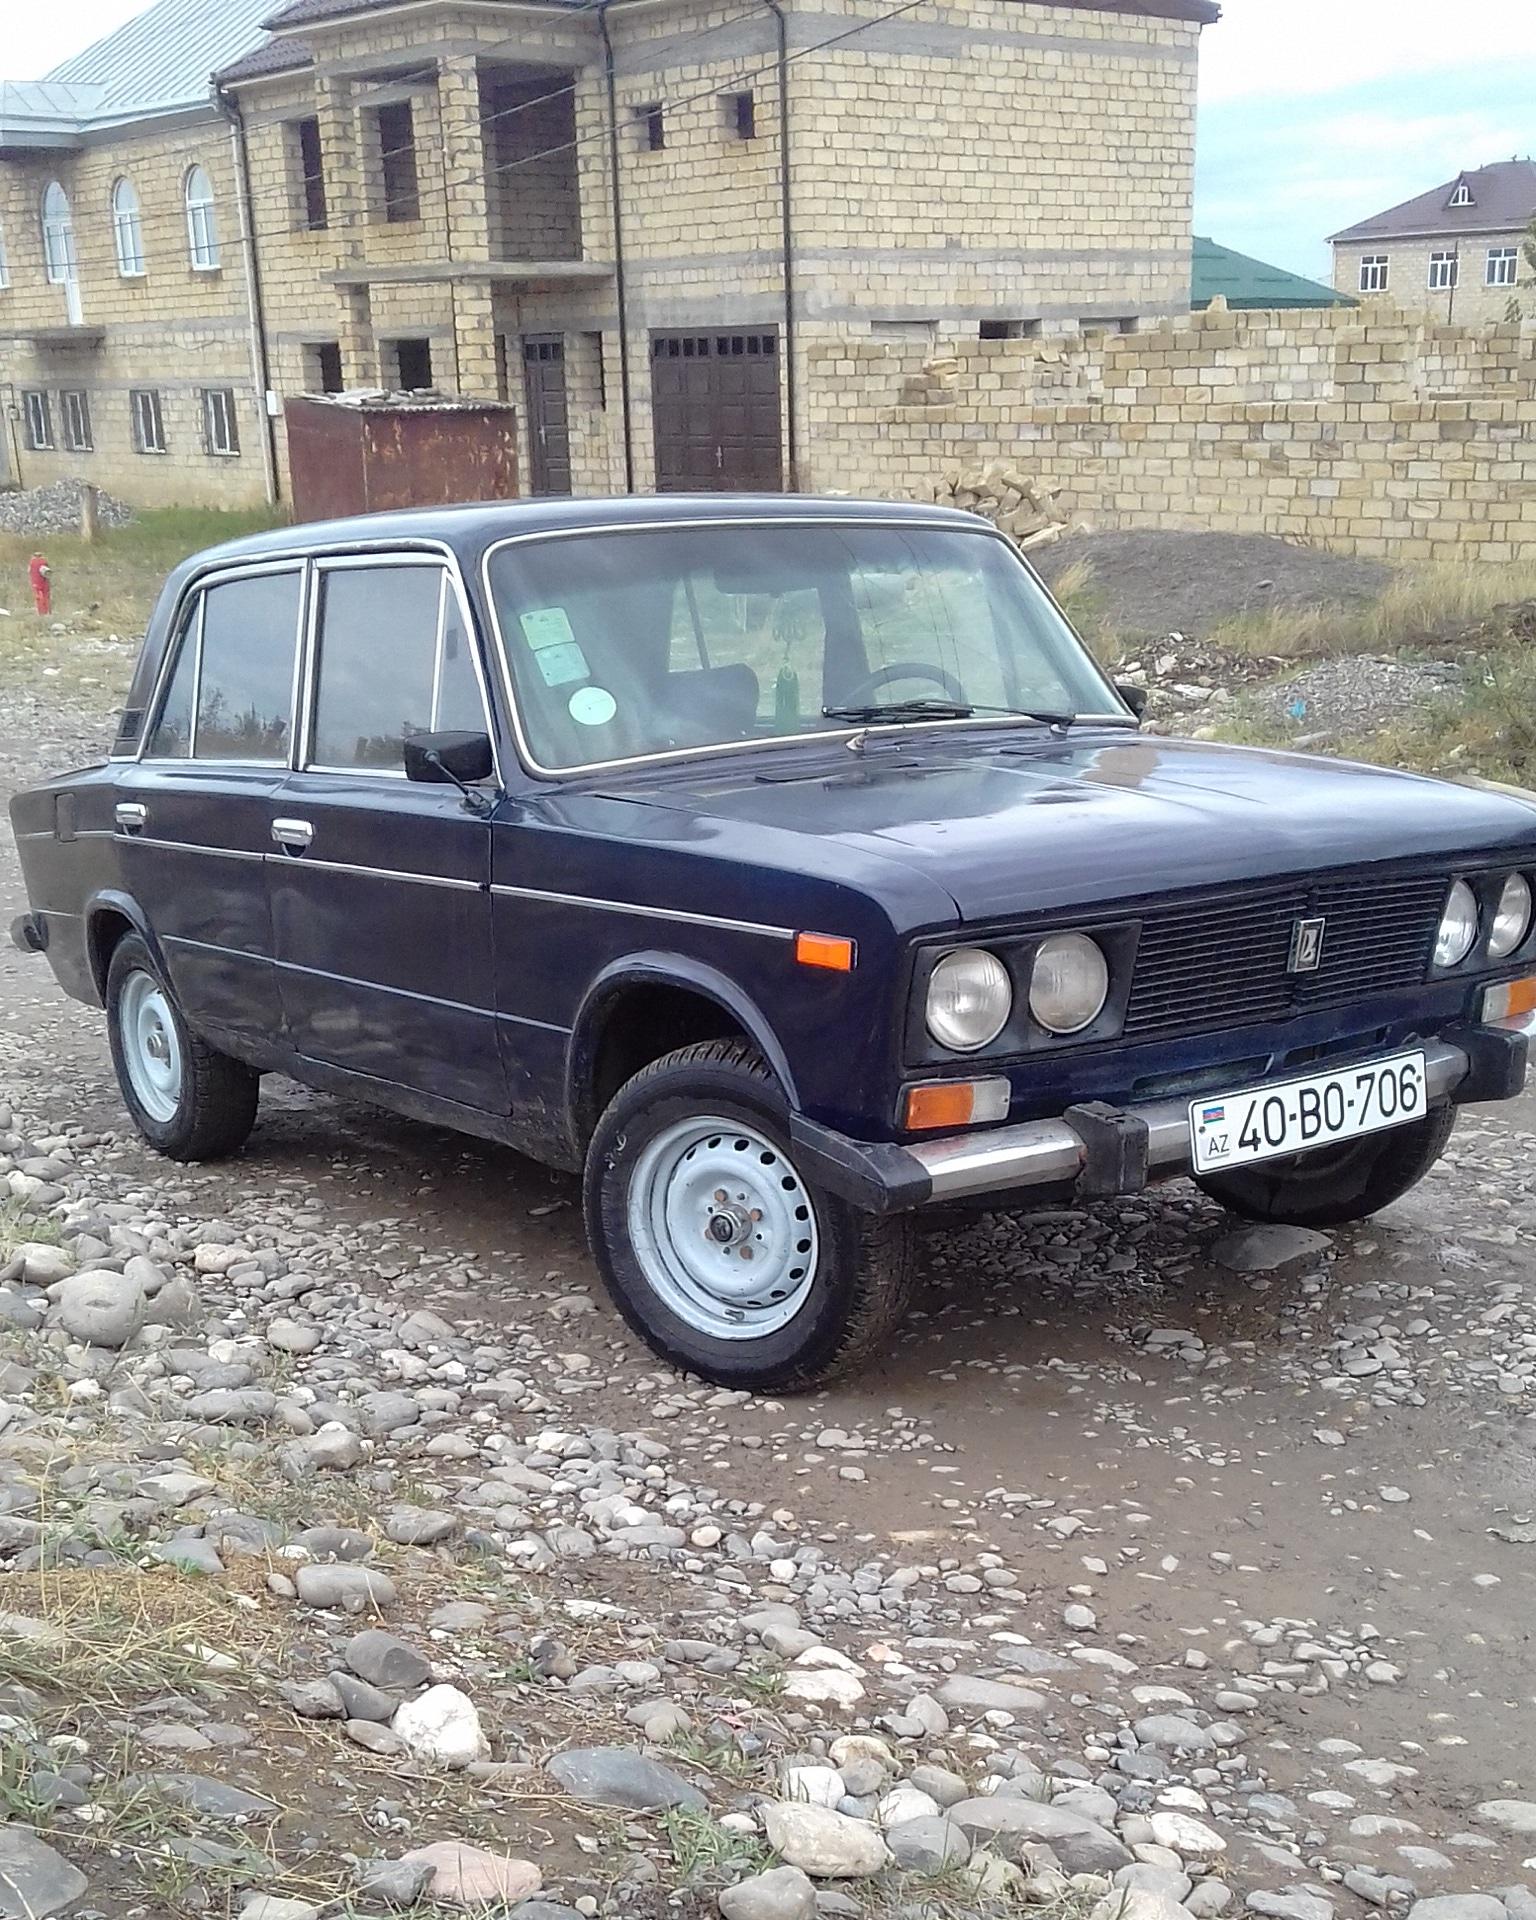 VAZ 2106 1.5(lt) 1983 İkinci əl  $1500